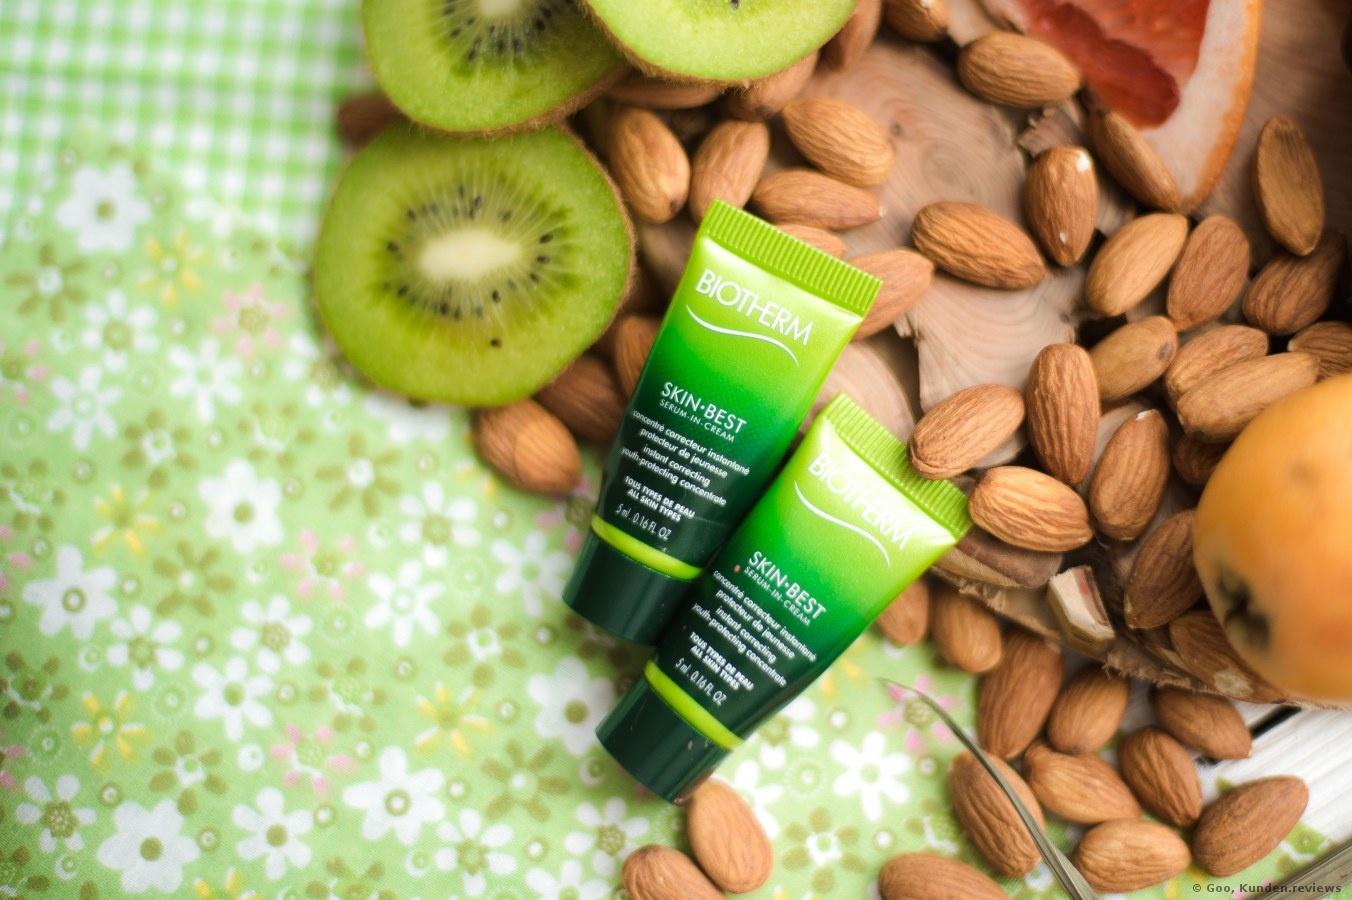 Biotherm Skin Best Serum in Cream